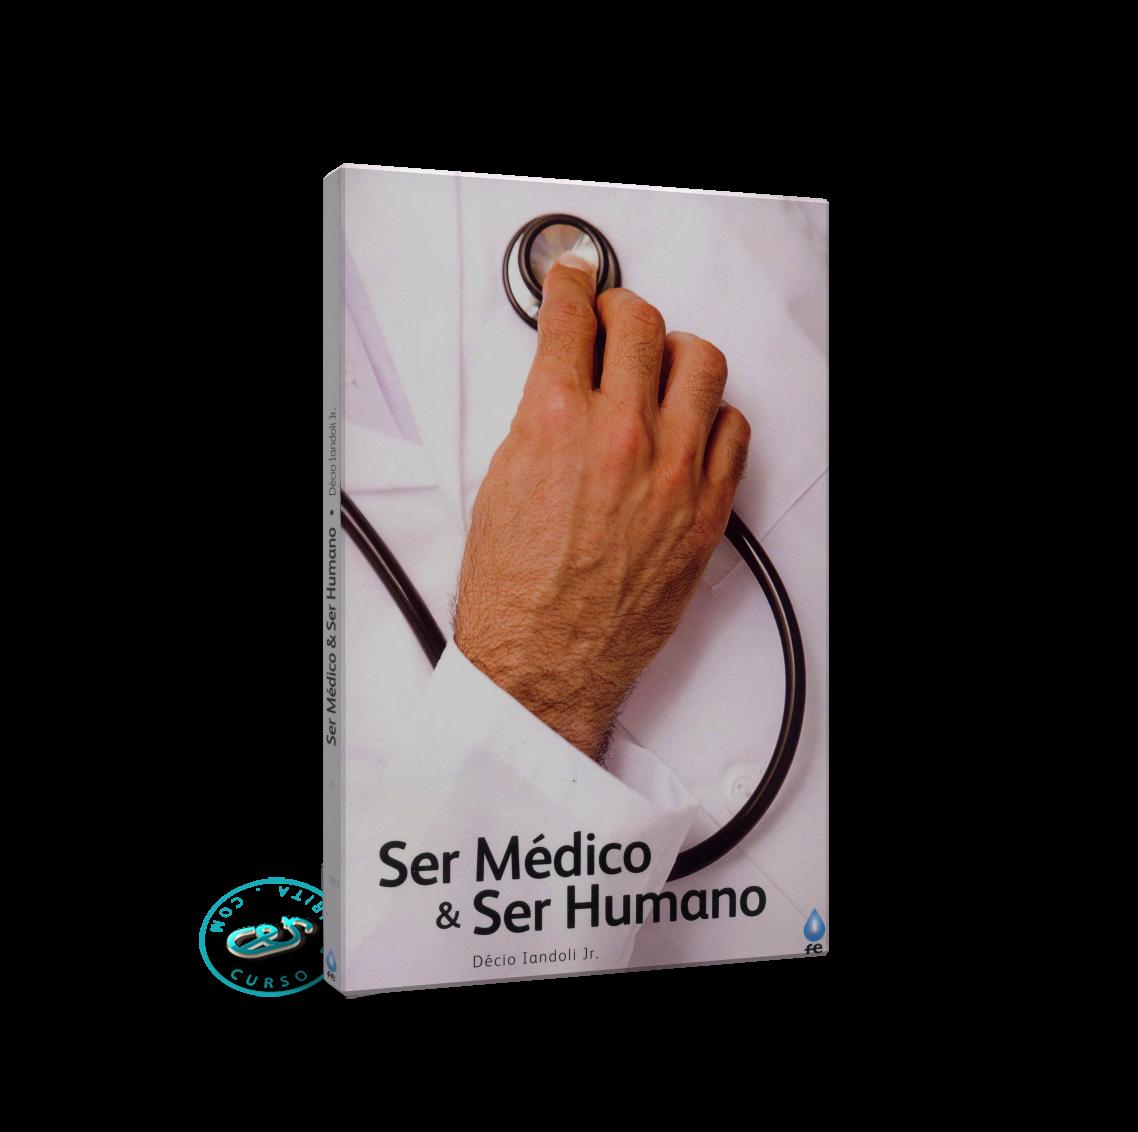 Portada Ser Médico Ser Humano por Décio Iandoli